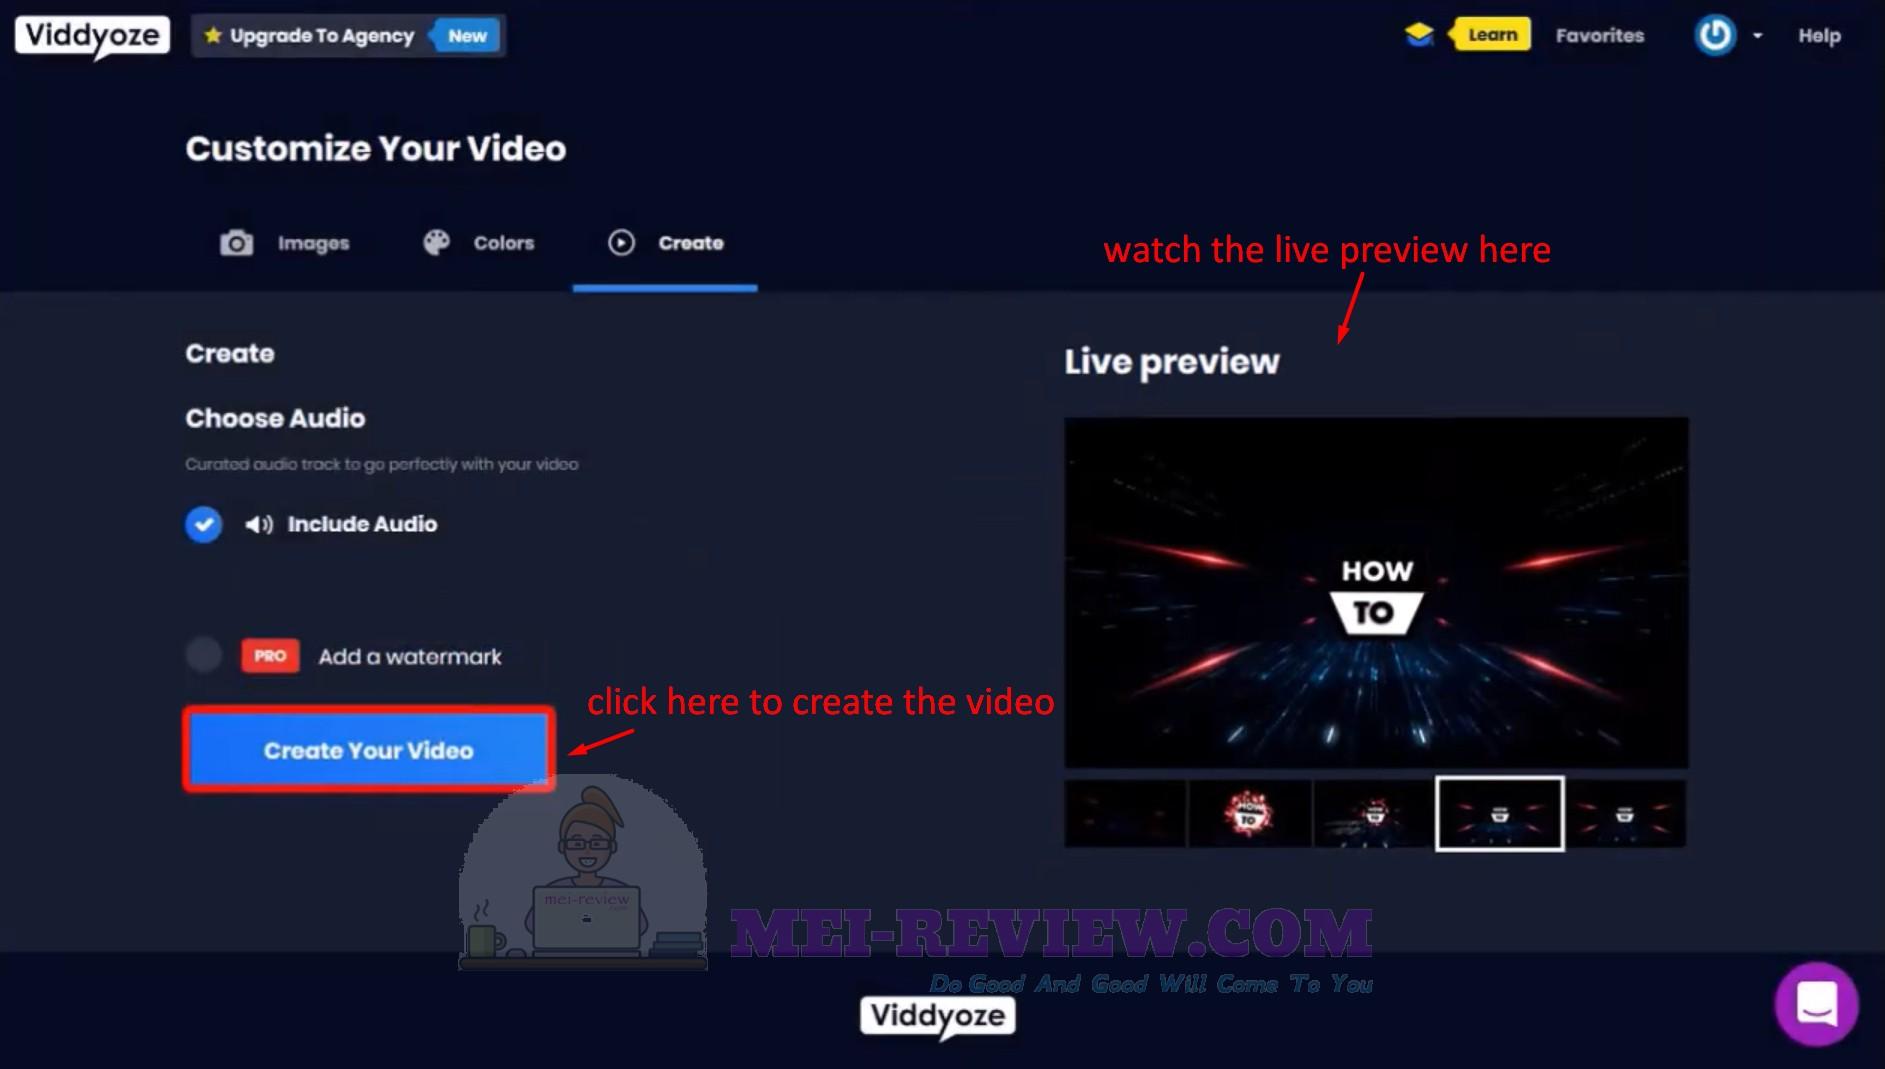 Viddyoze-Step-9-create-video